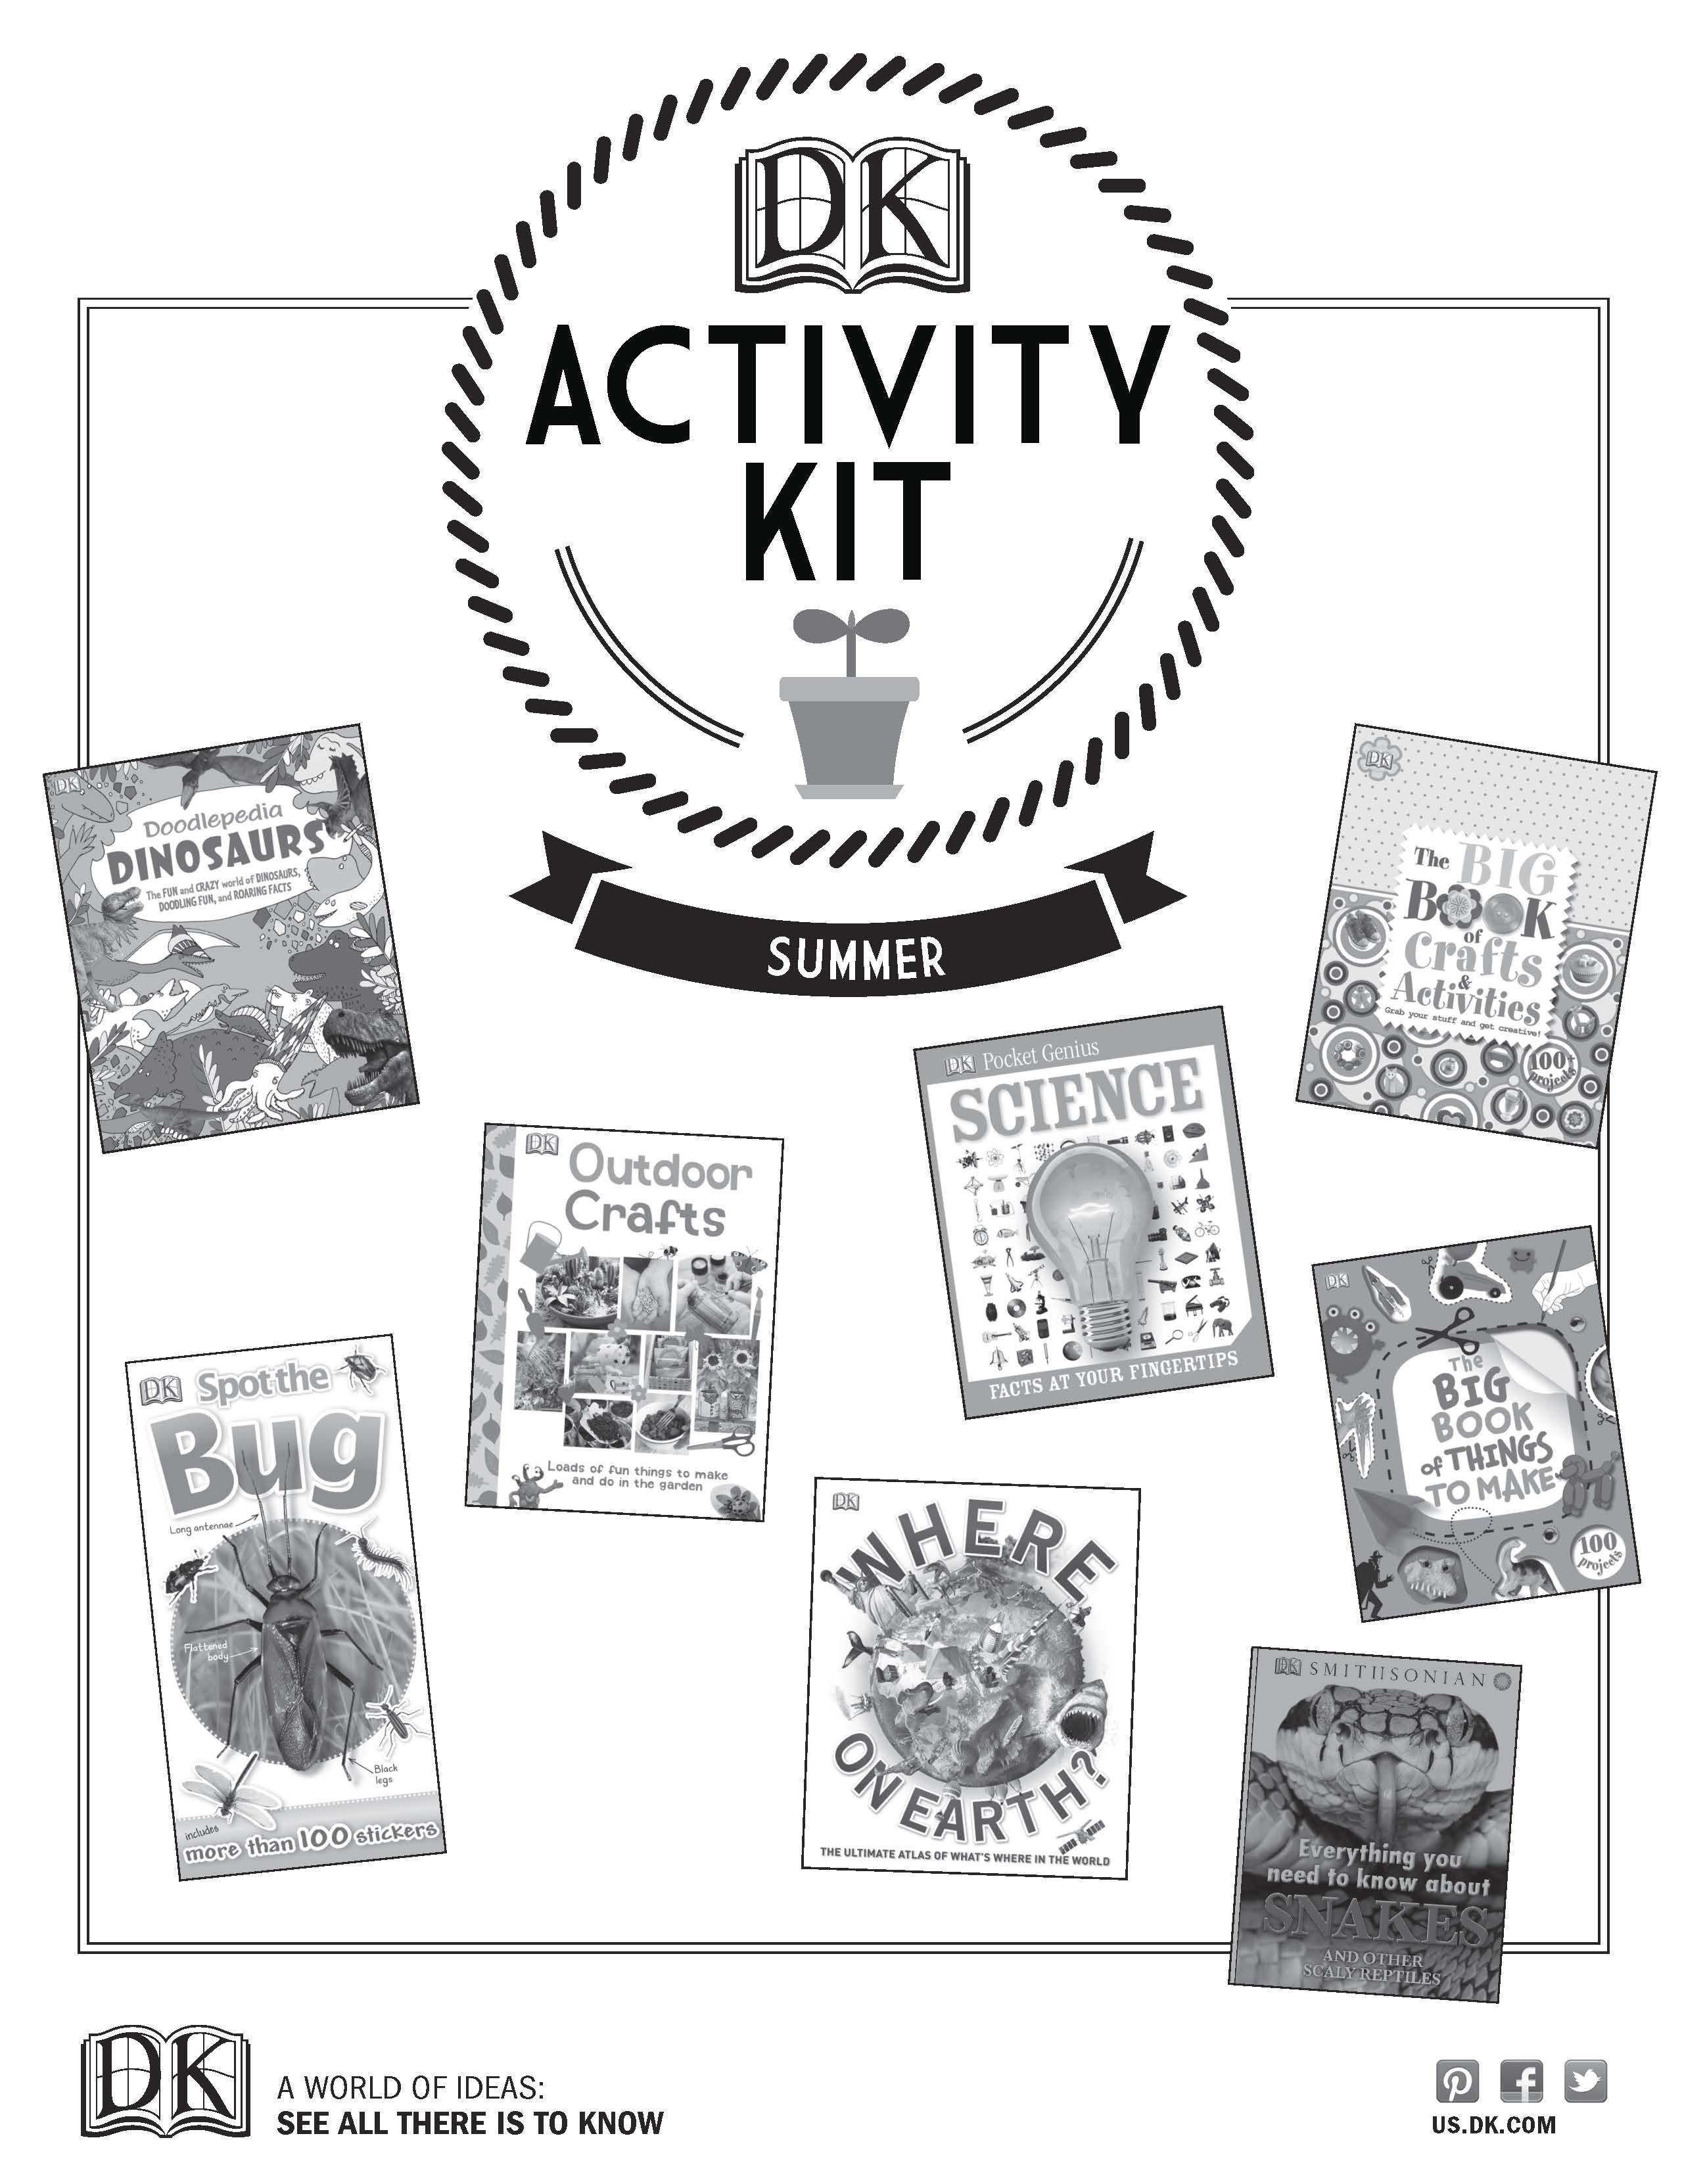 DK-activitykit